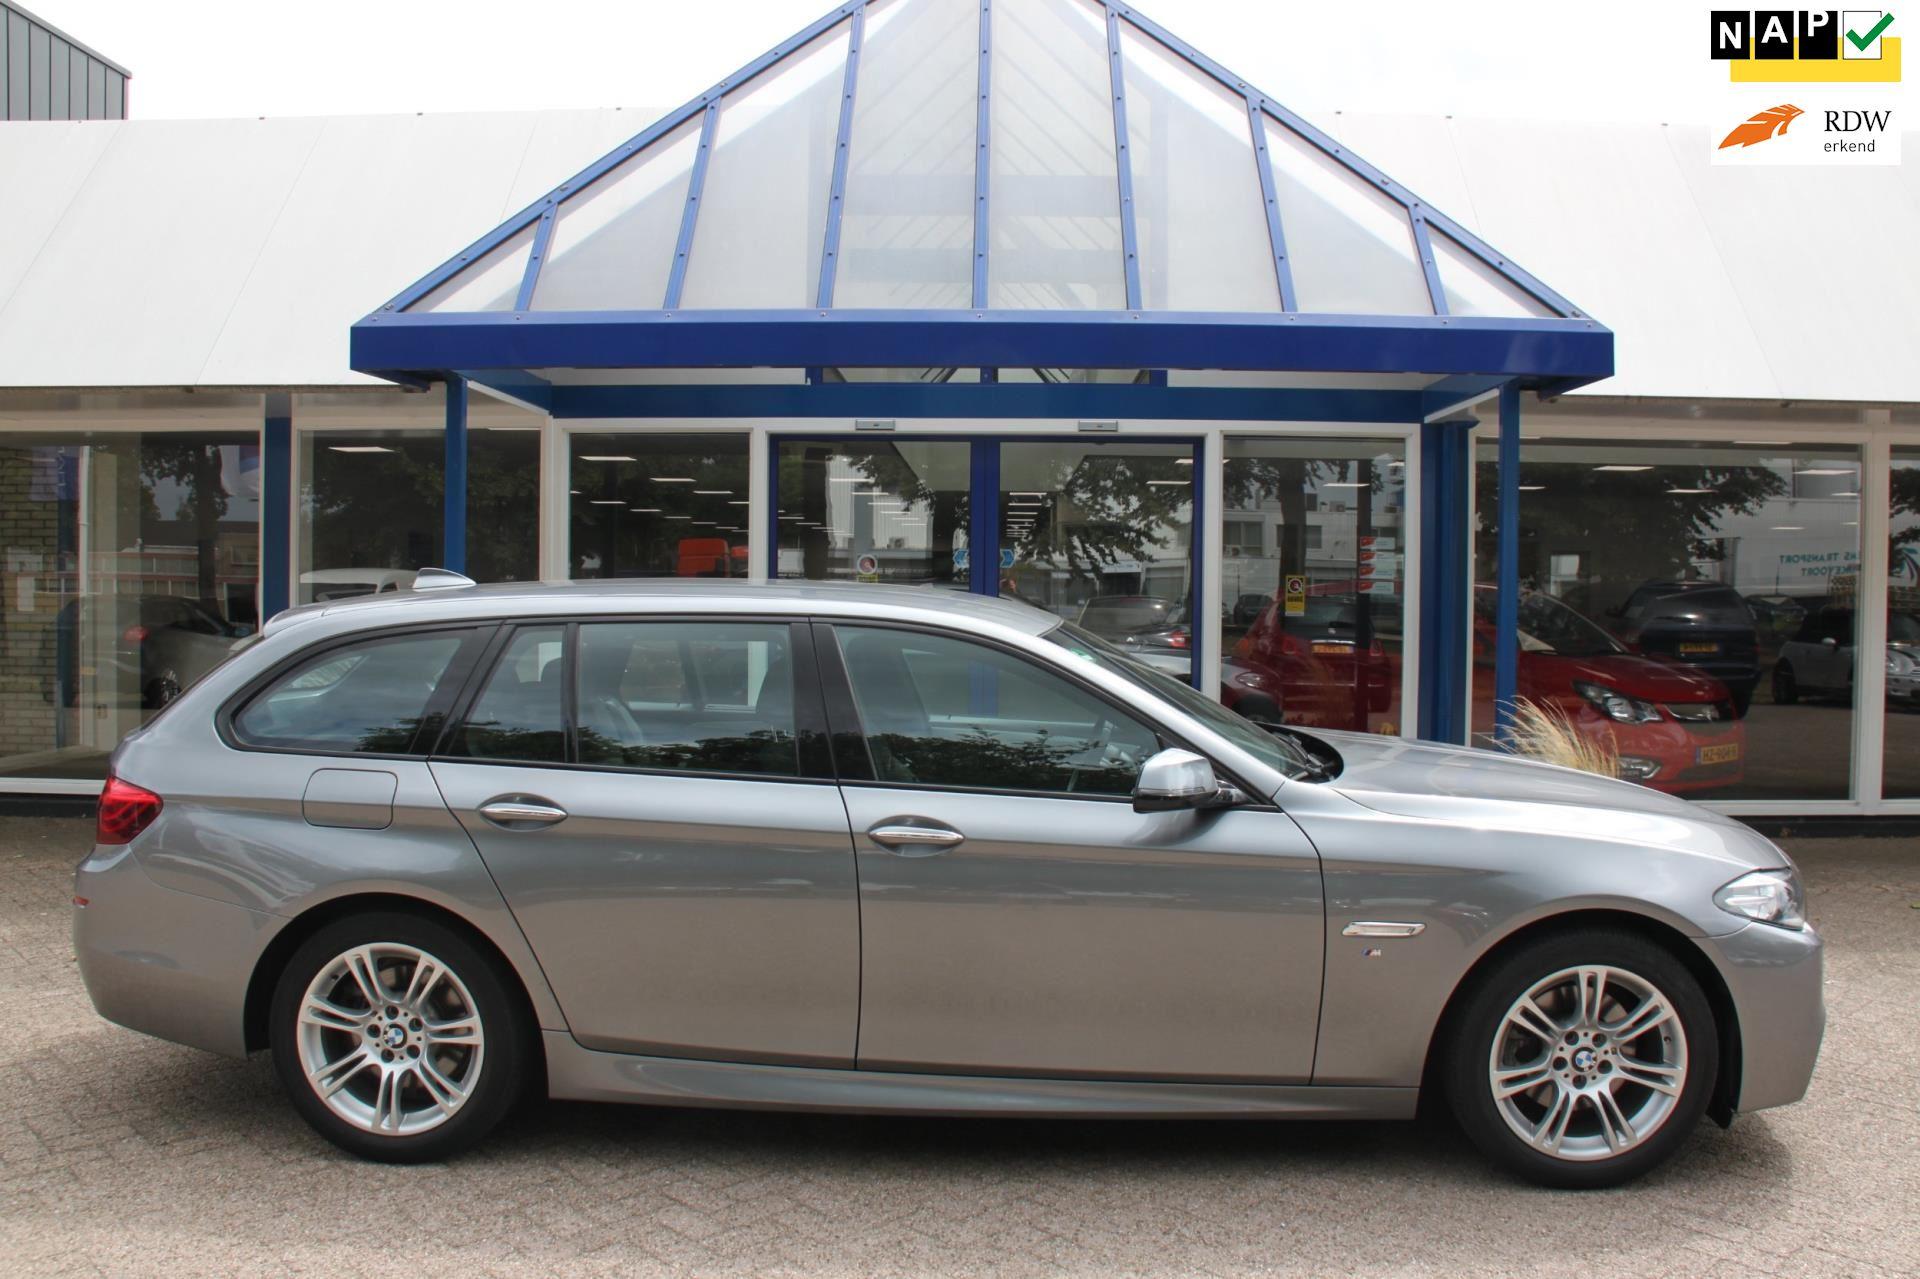 BMW 5-serie Touring occasion - HDA Wijchen B.V.